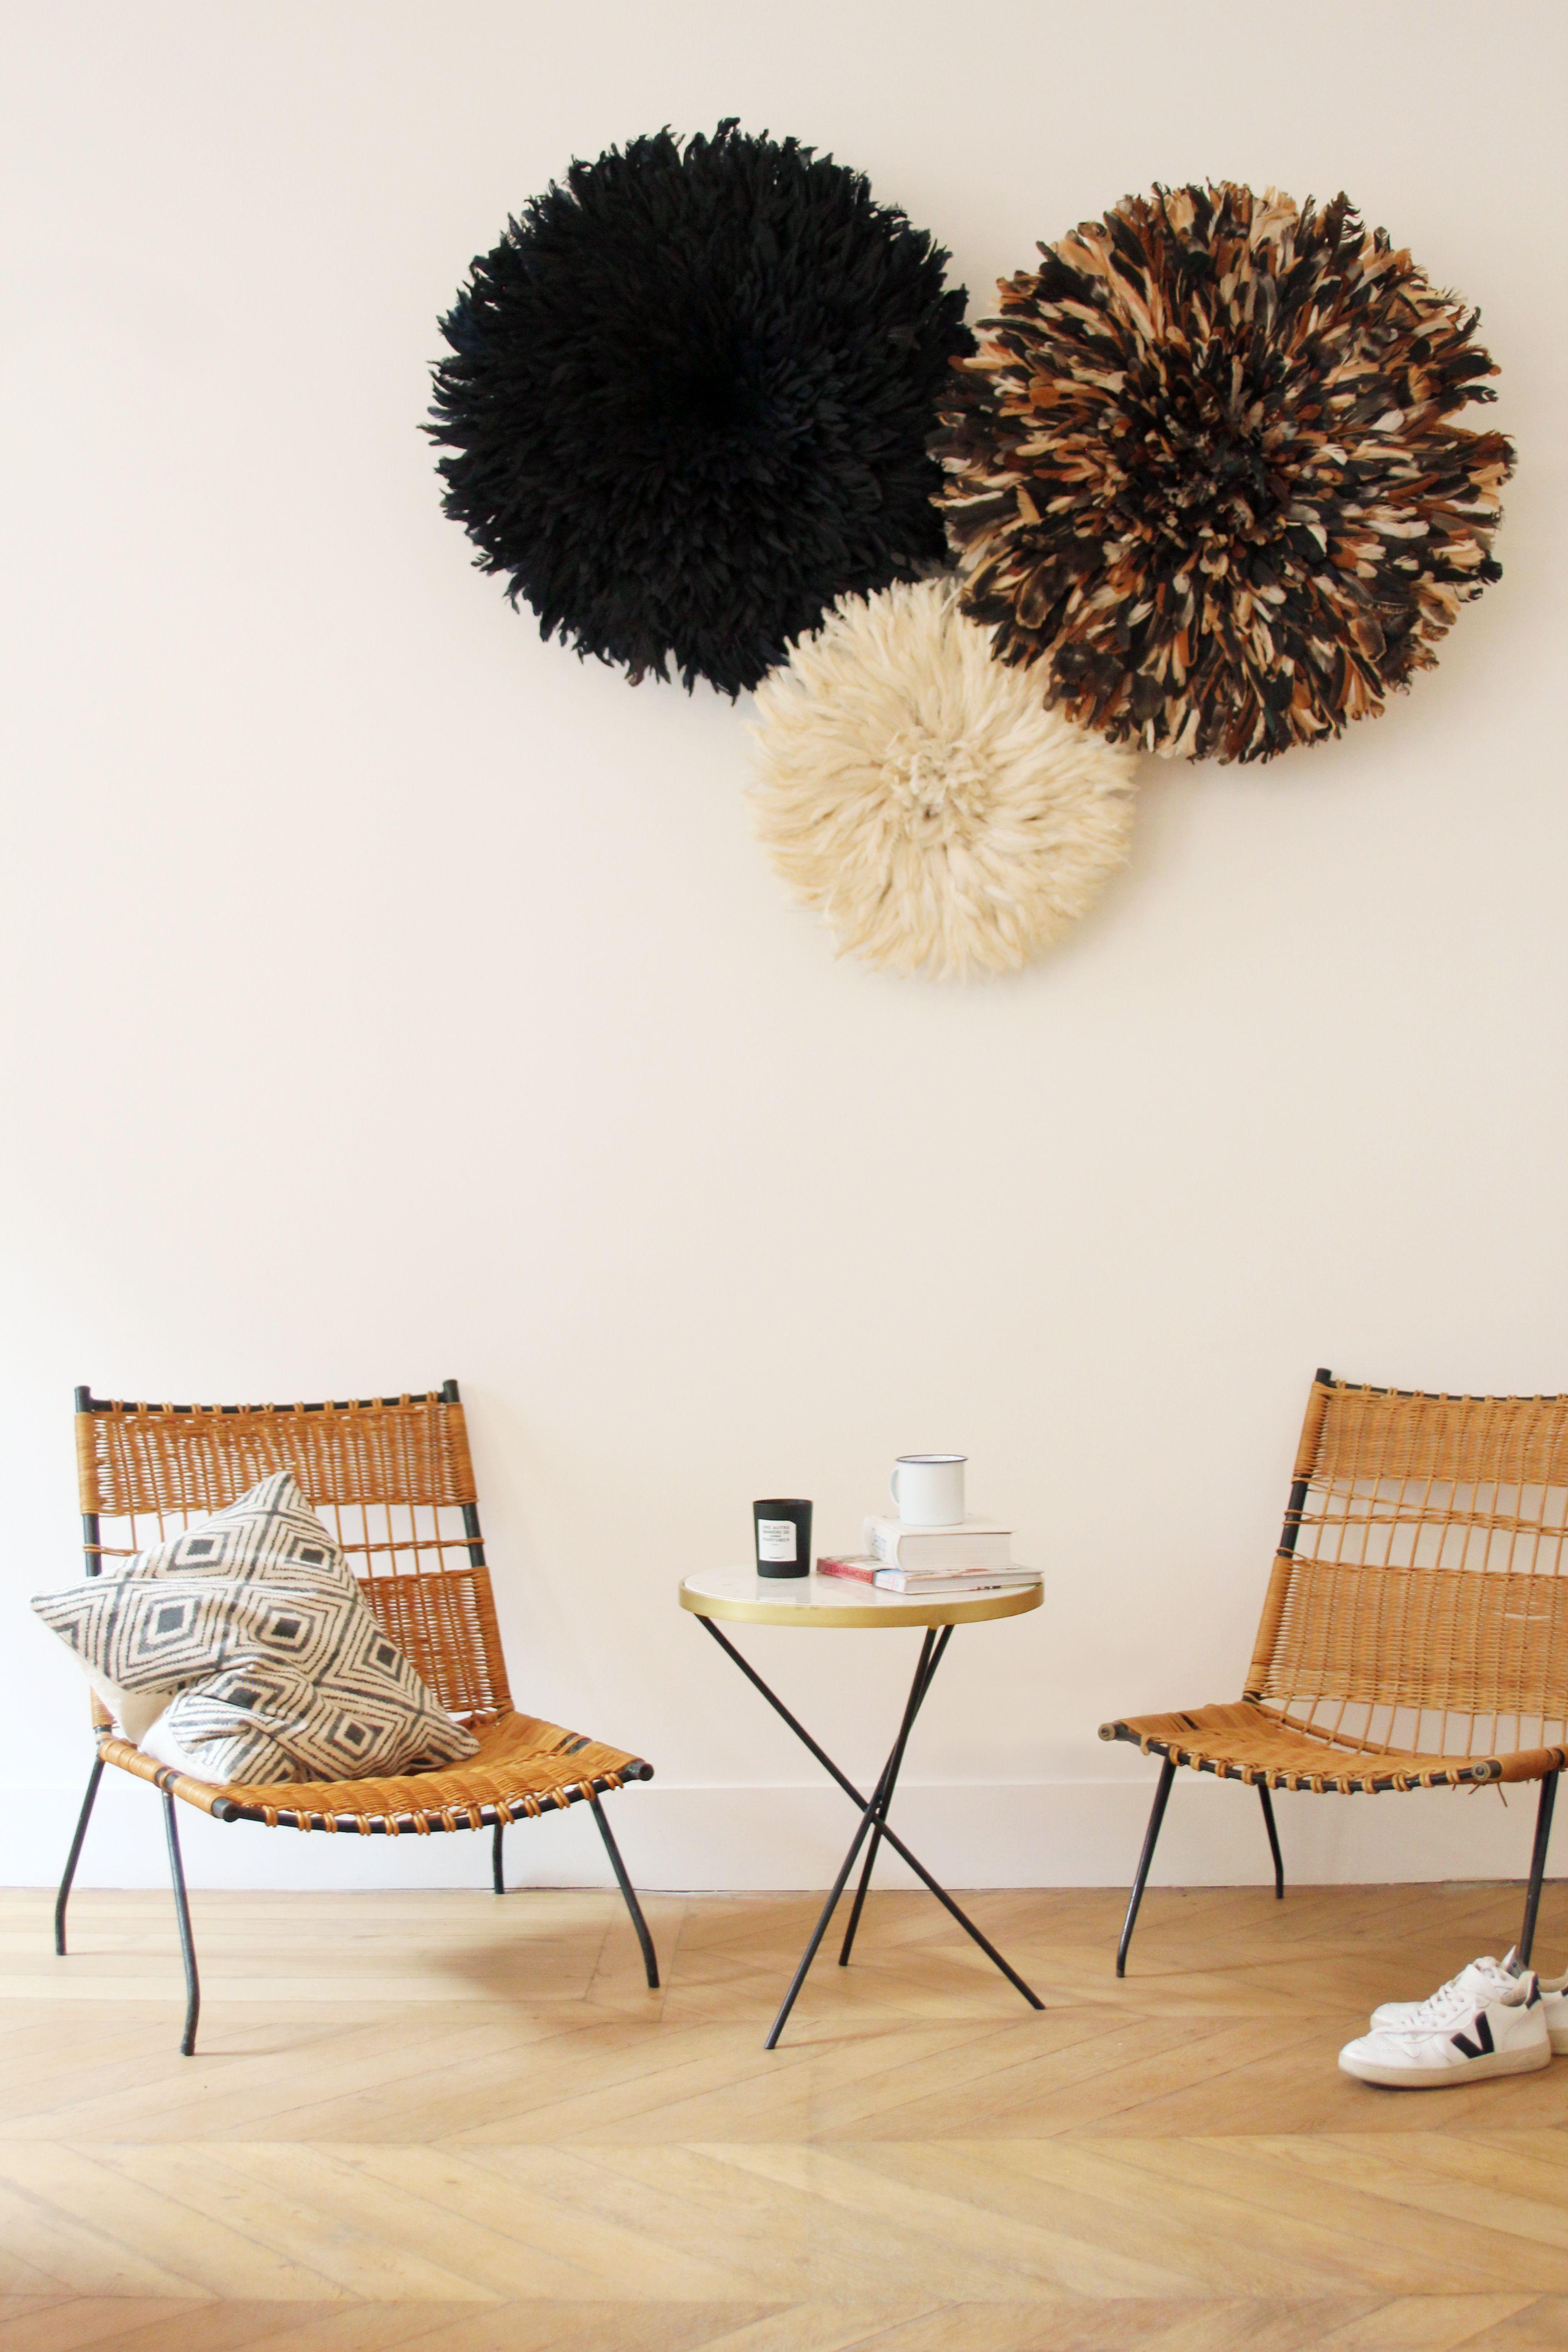 Brocante En Ligne Selency selency juju hat, scoubidou chair, console, armchair